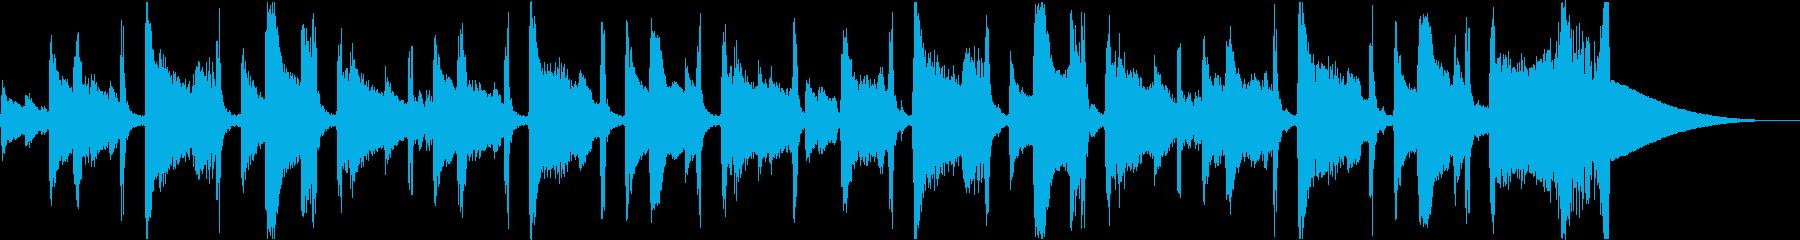 チルアウト洋楽CMアコギヒップホップcの再生済みの波形